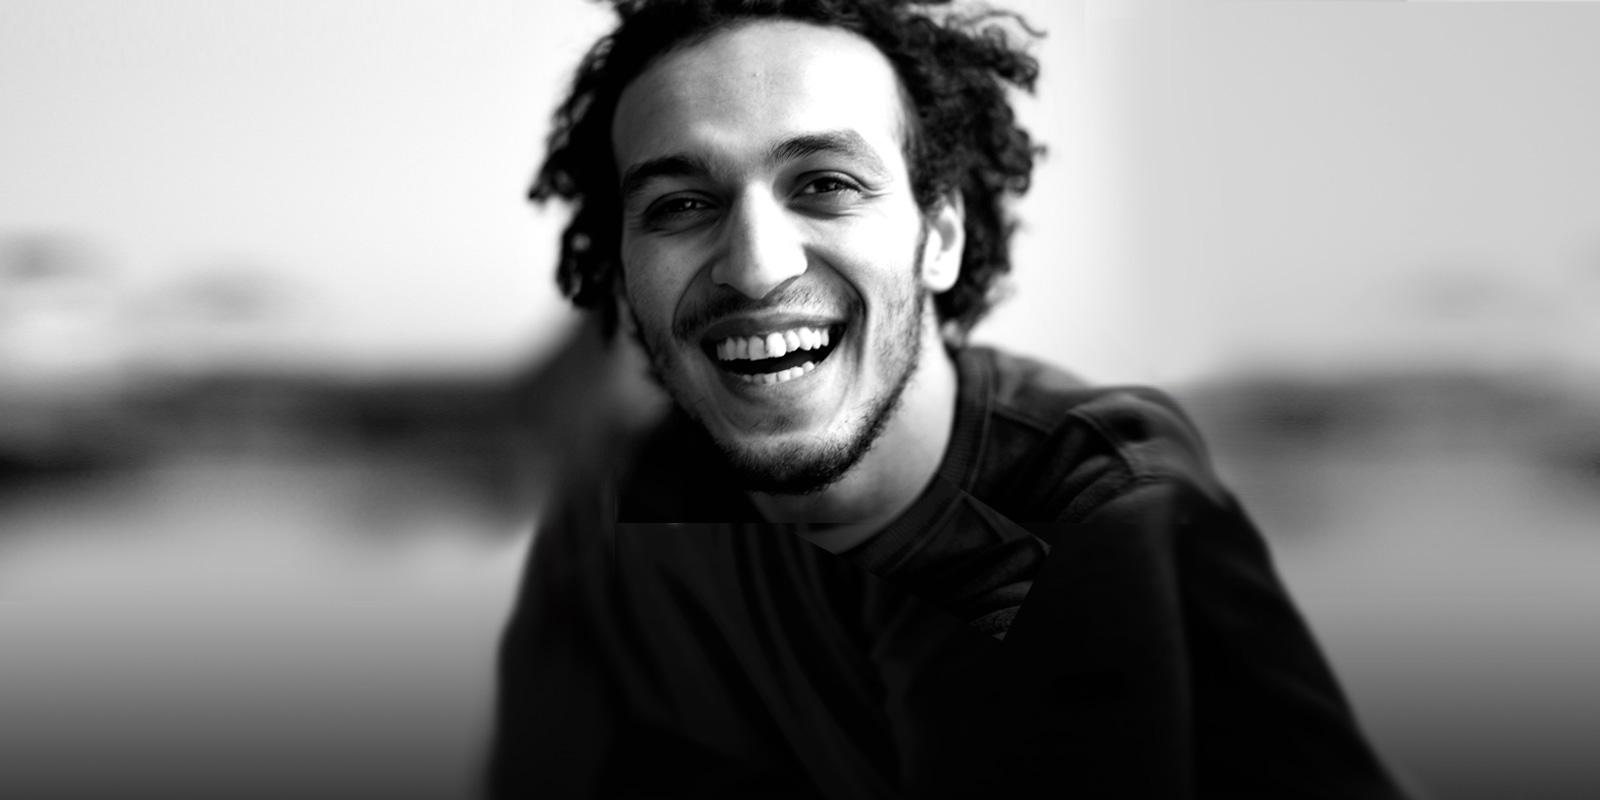 L'Egitto rimanda il processo al fotogiornalista egiziano in carcere ormai da tre anni